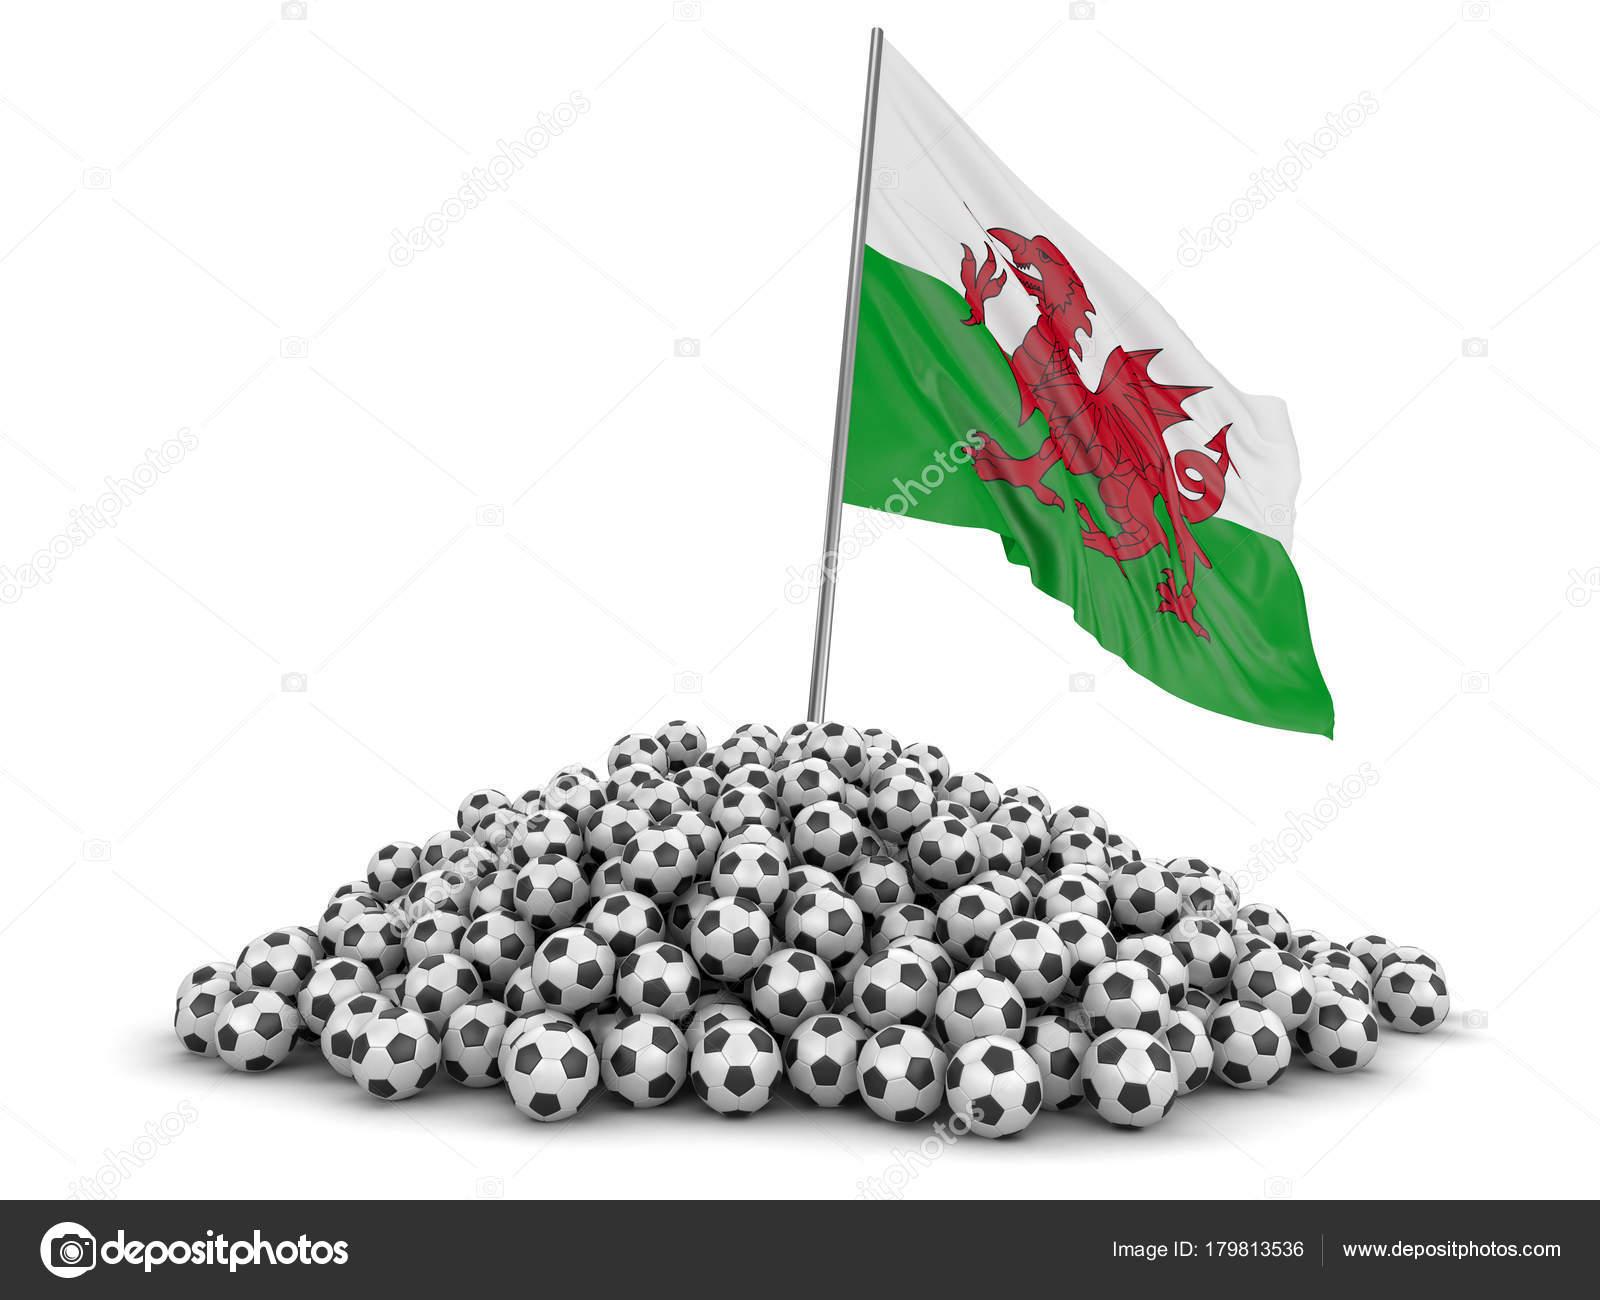 Montón Pelotas Fútbol Bandera Gales Imagen Con Trazado Recorte ...